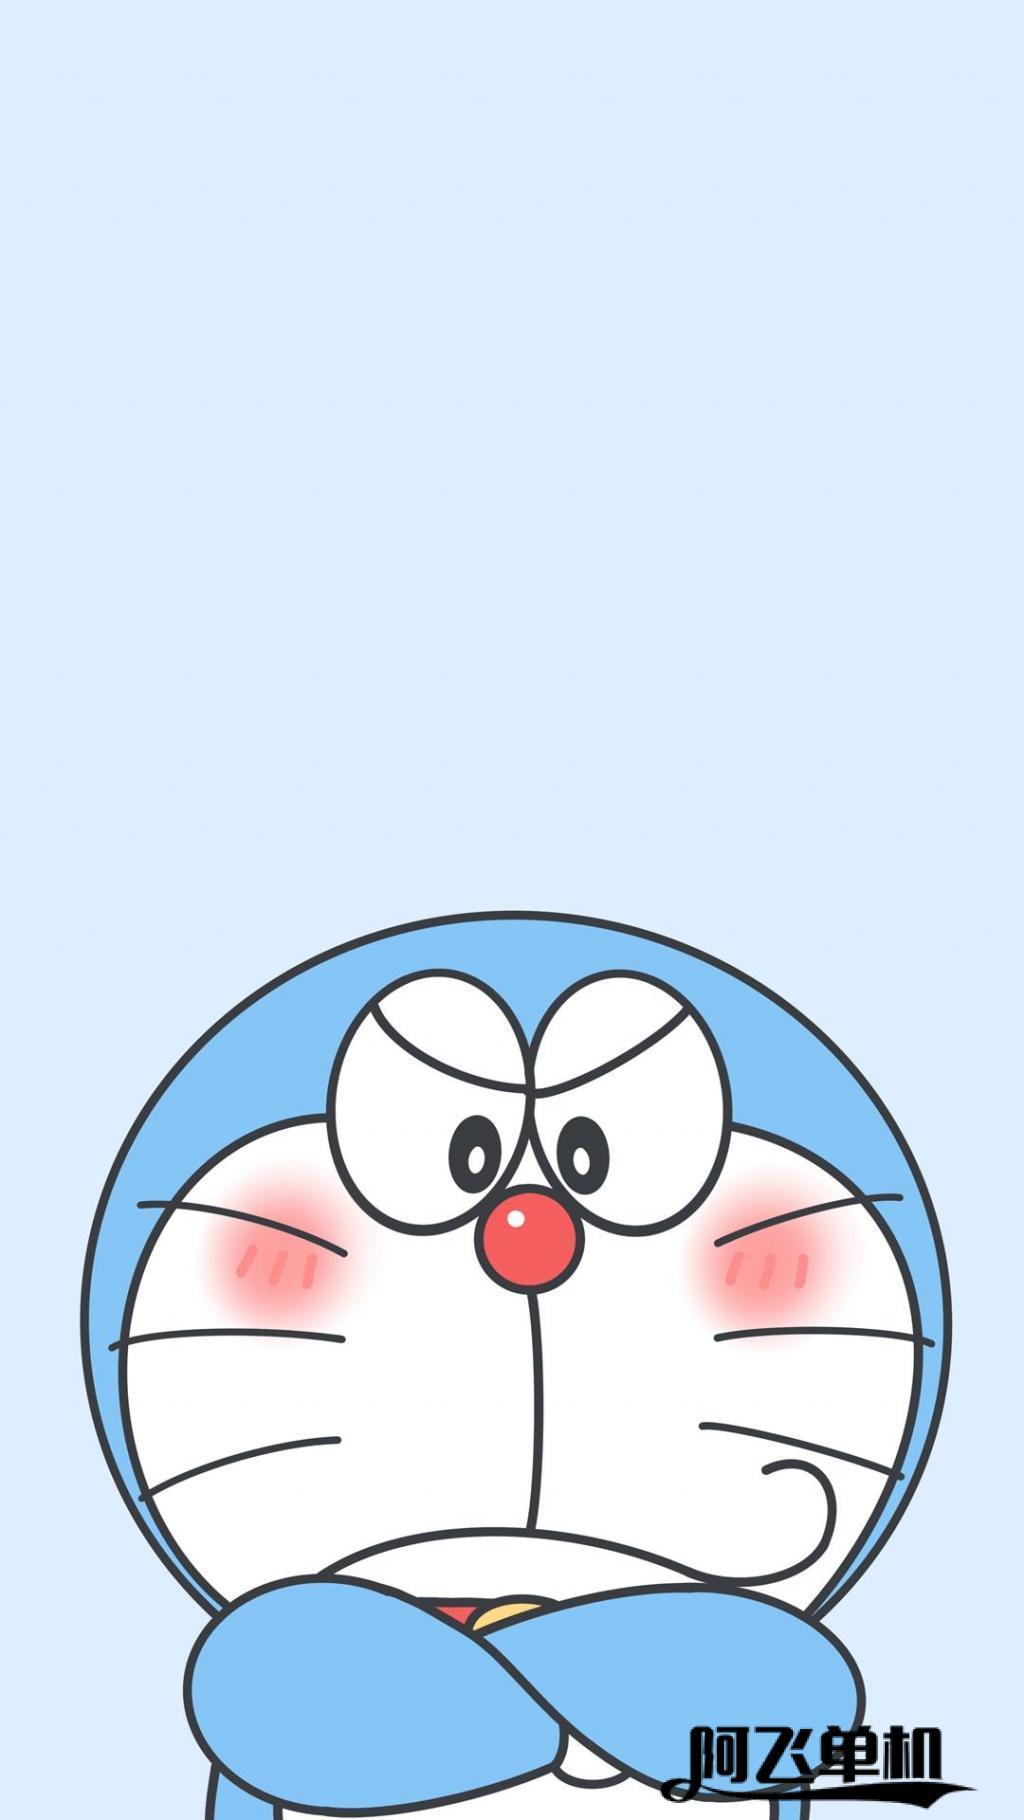 哆啦A梦可爱搞怪高清手机壁纸